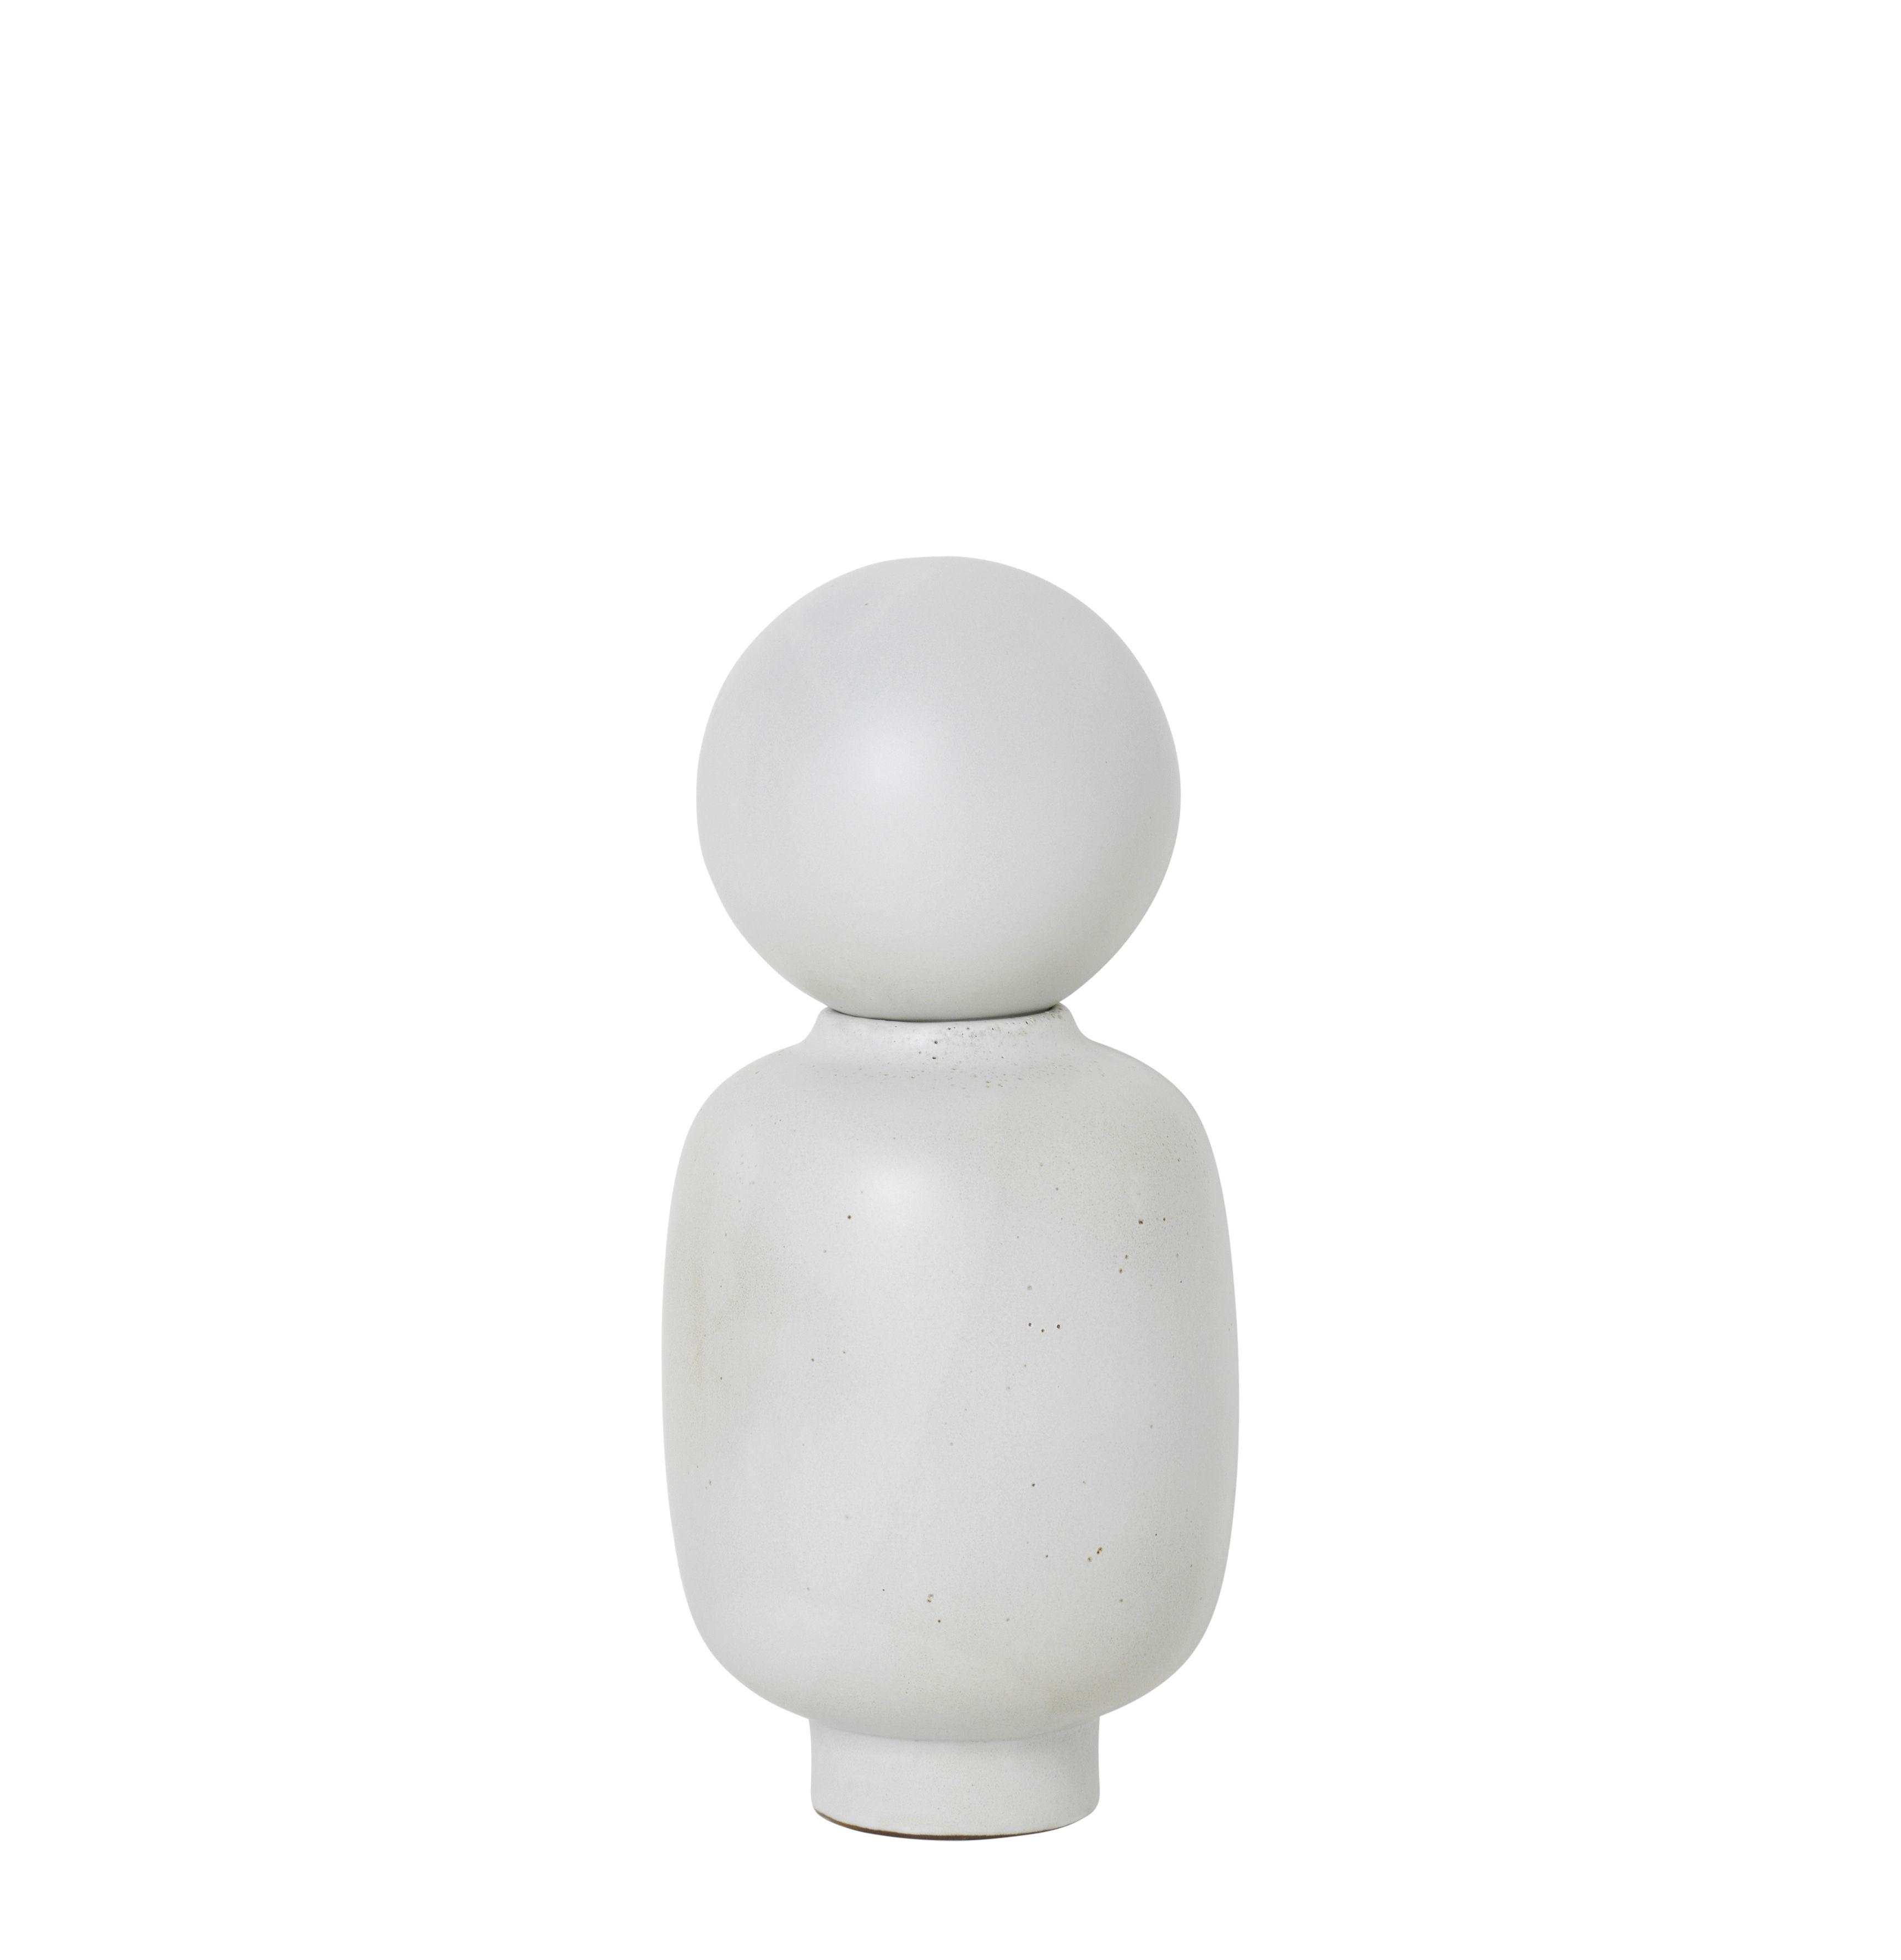 Dekoration - Vasen - Muses - Talia Vase / Ø 13 cm x H 28 cm - Ferm Living - Talia / weiß - emaillierter Sandstein